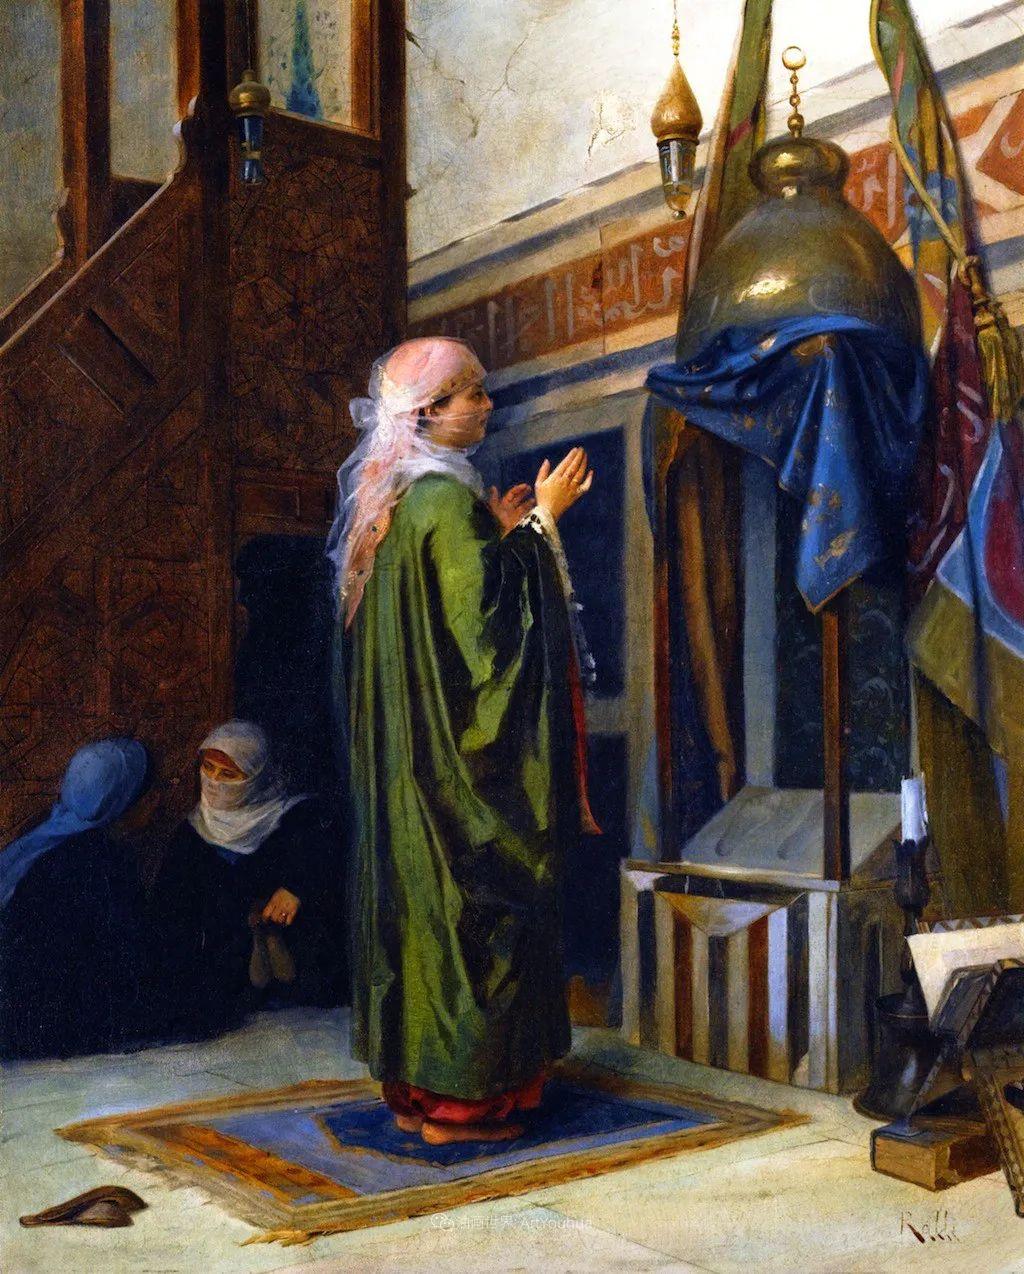 微妙而动人的绘画,希腊画家蒂奥多·拉利插图27